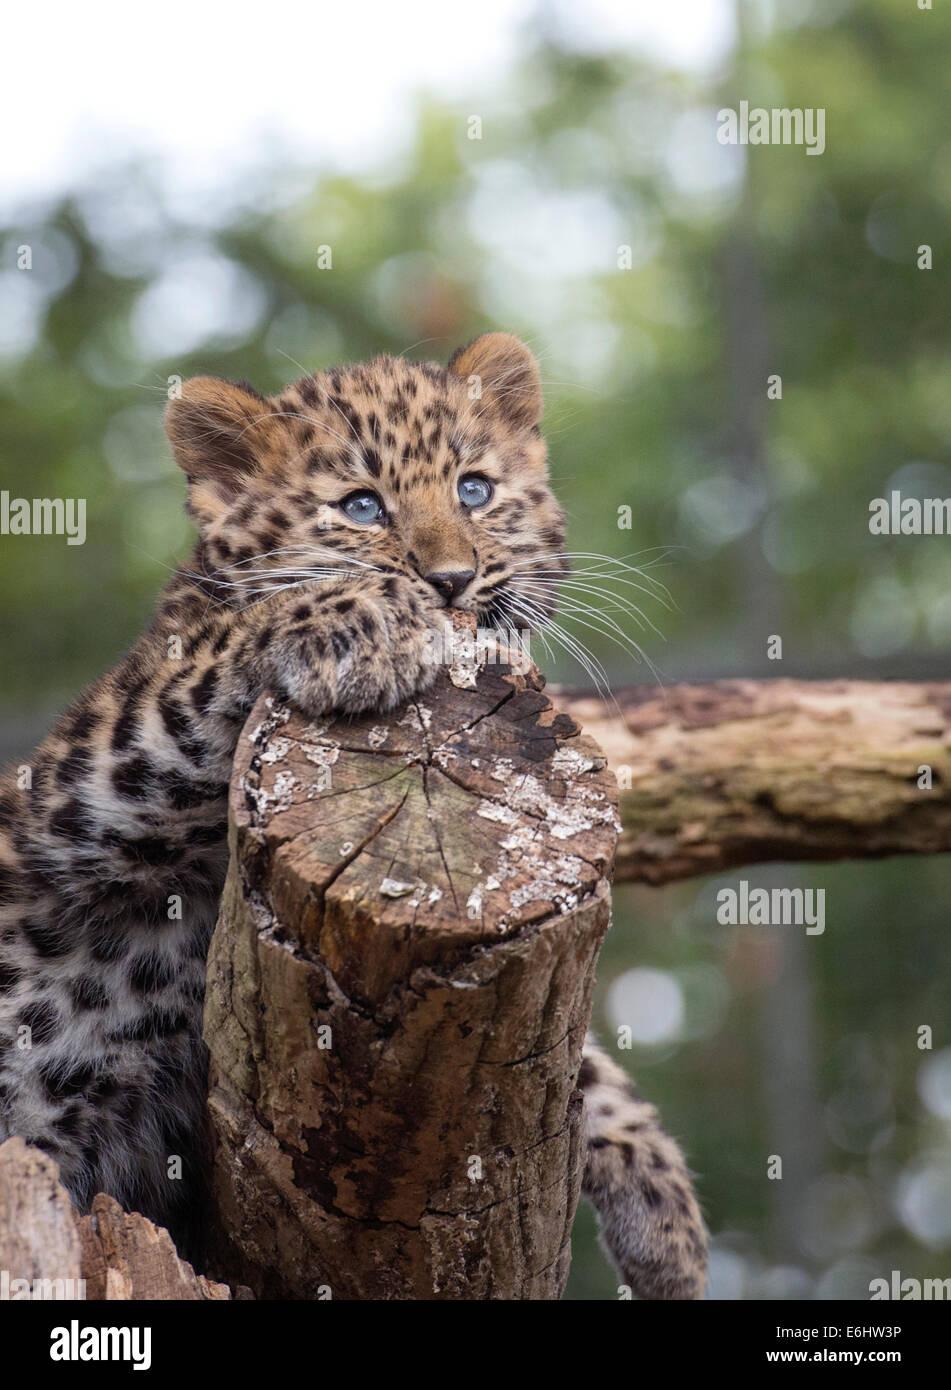 Weibliche Amur Leopard Cub auf Baumstumpf Stockfoto